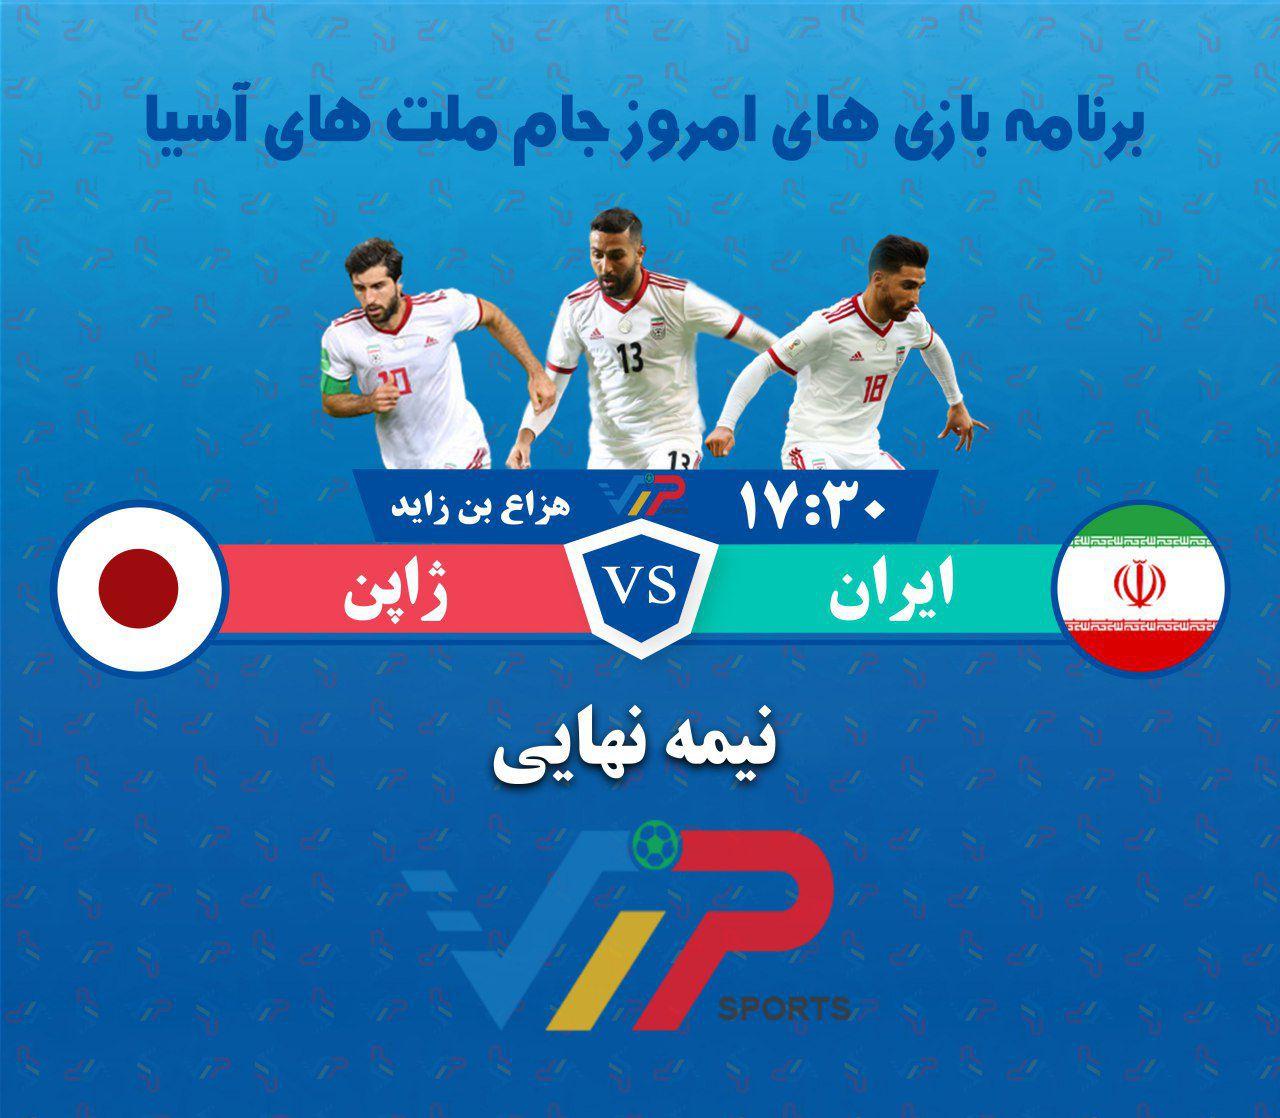 گزارشگر بازی امروز ایران و ژاپن و تماشاگران این بازی